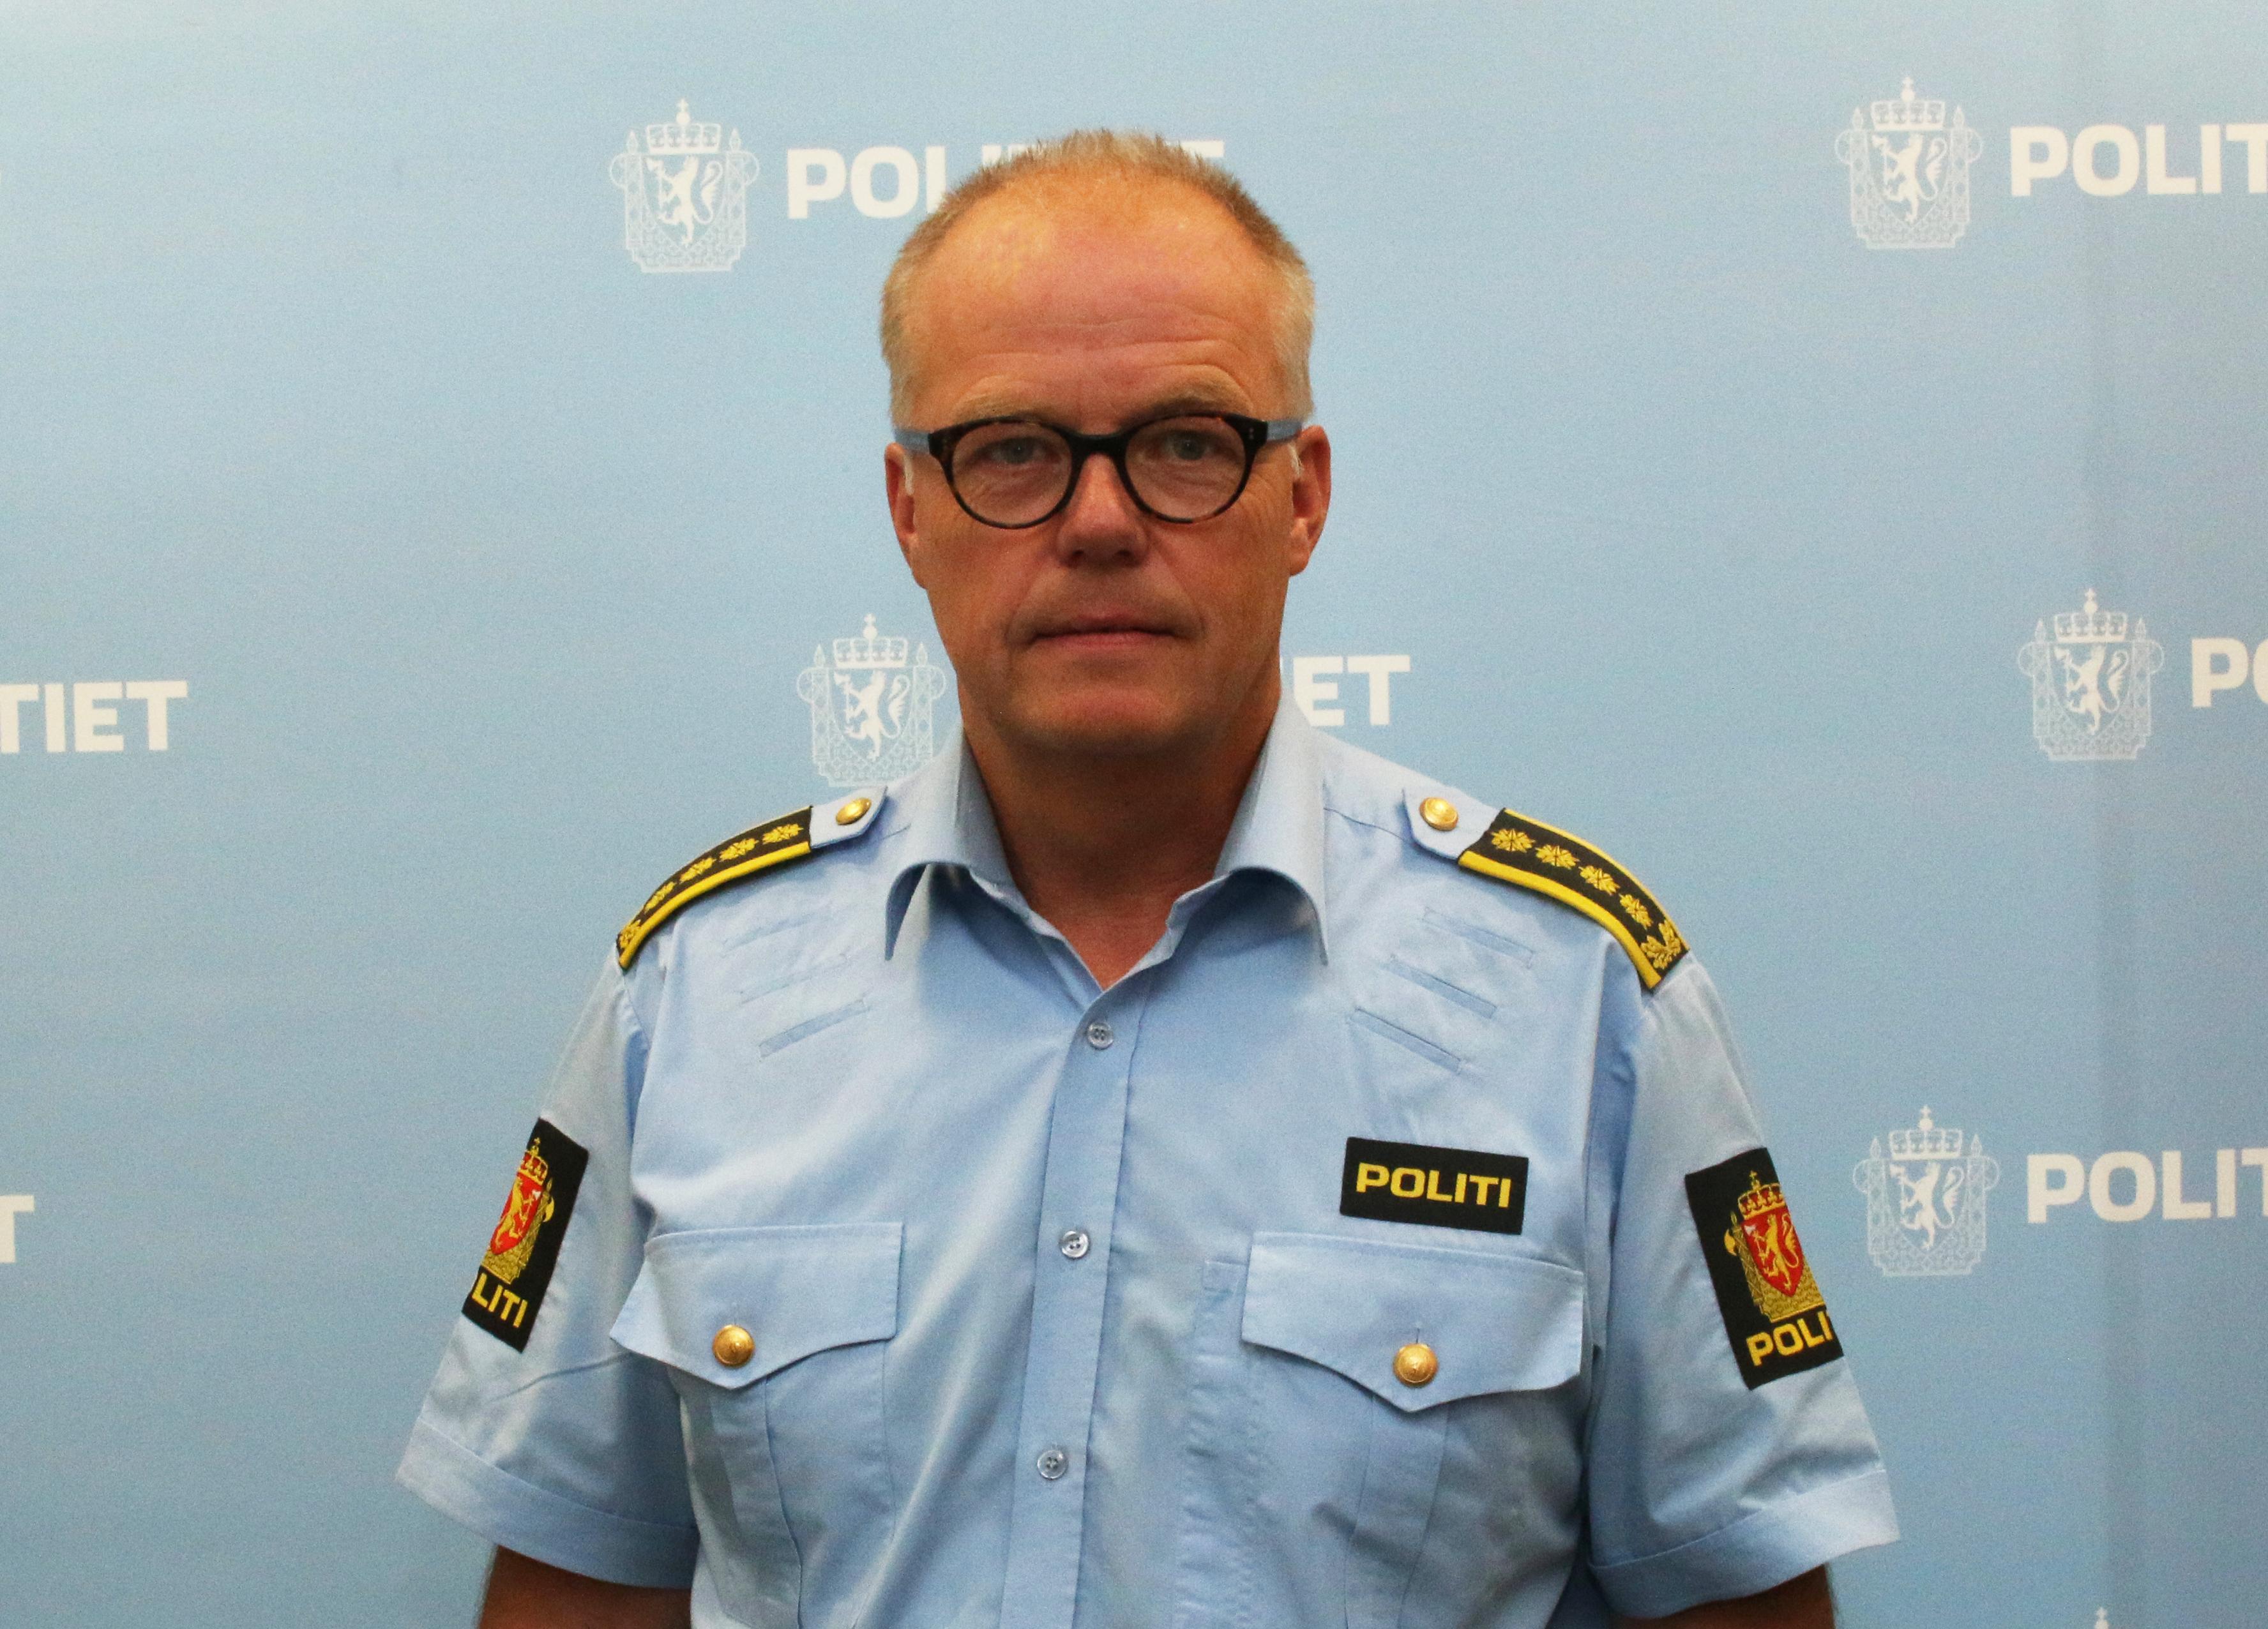 Johan Martin Welhaven